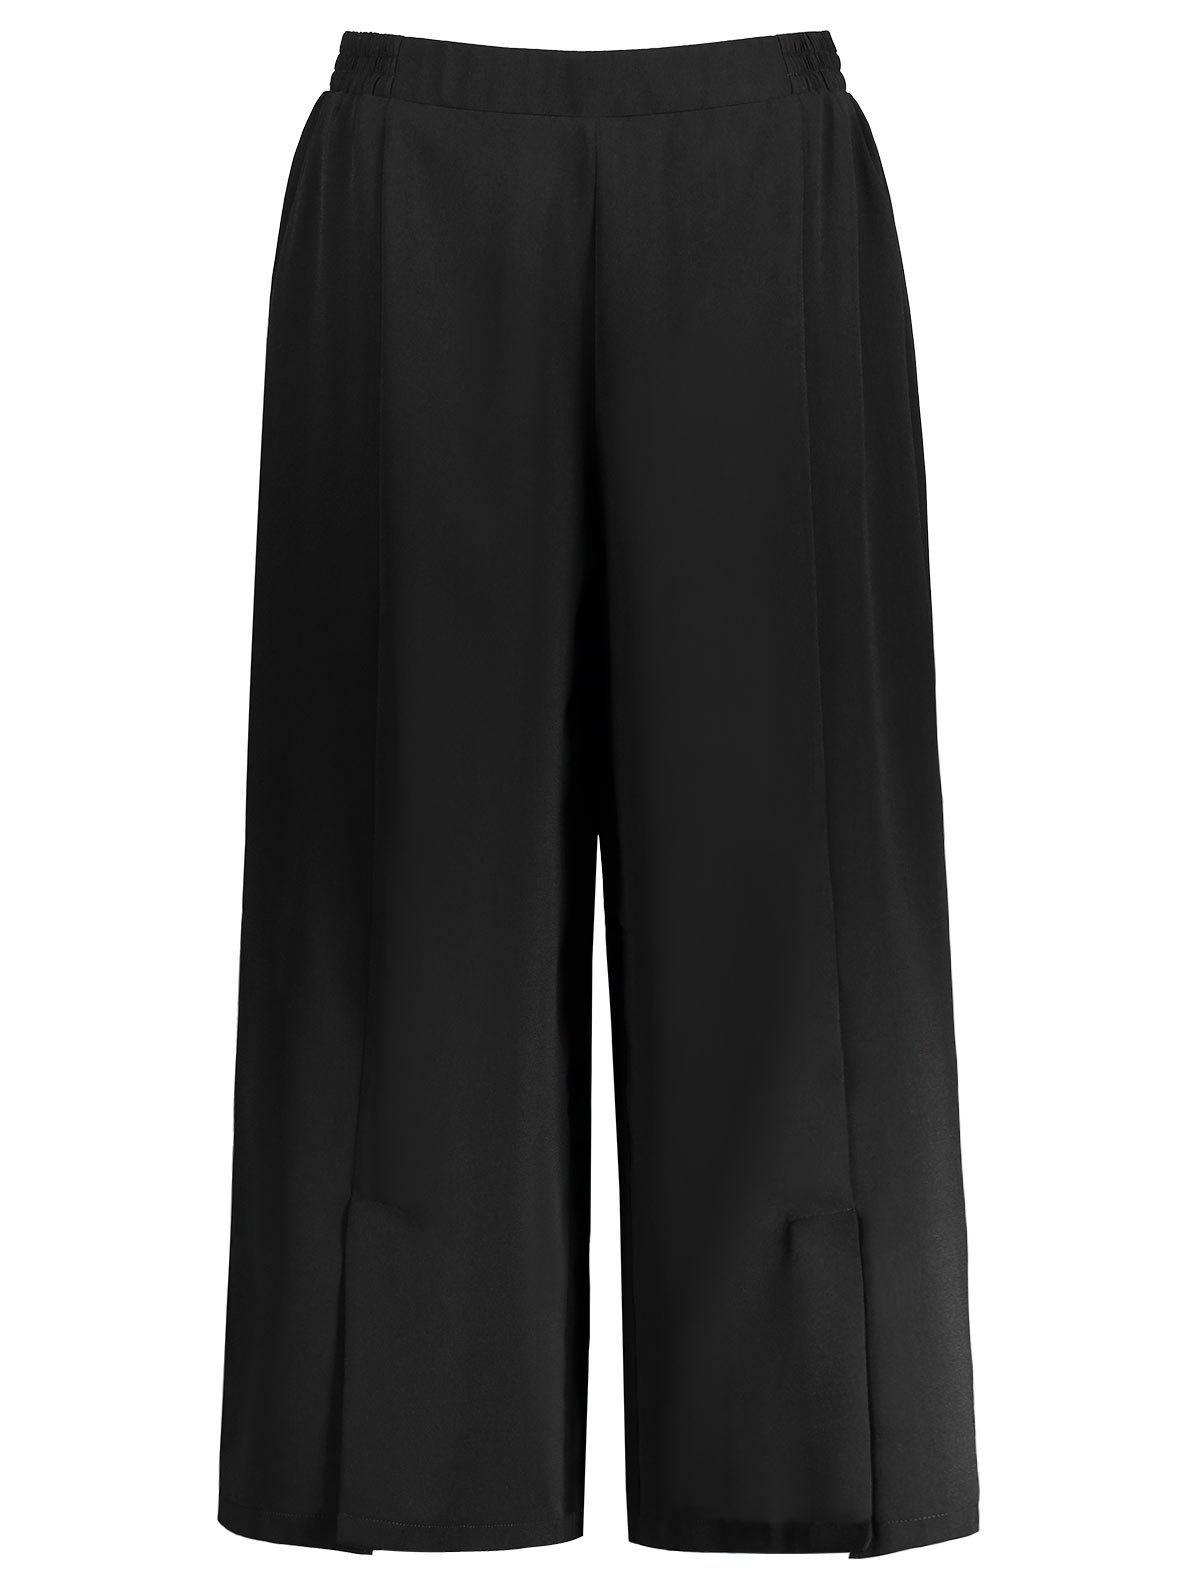 Chiffon Wide Leg Plus Size Crop Pants 211415901